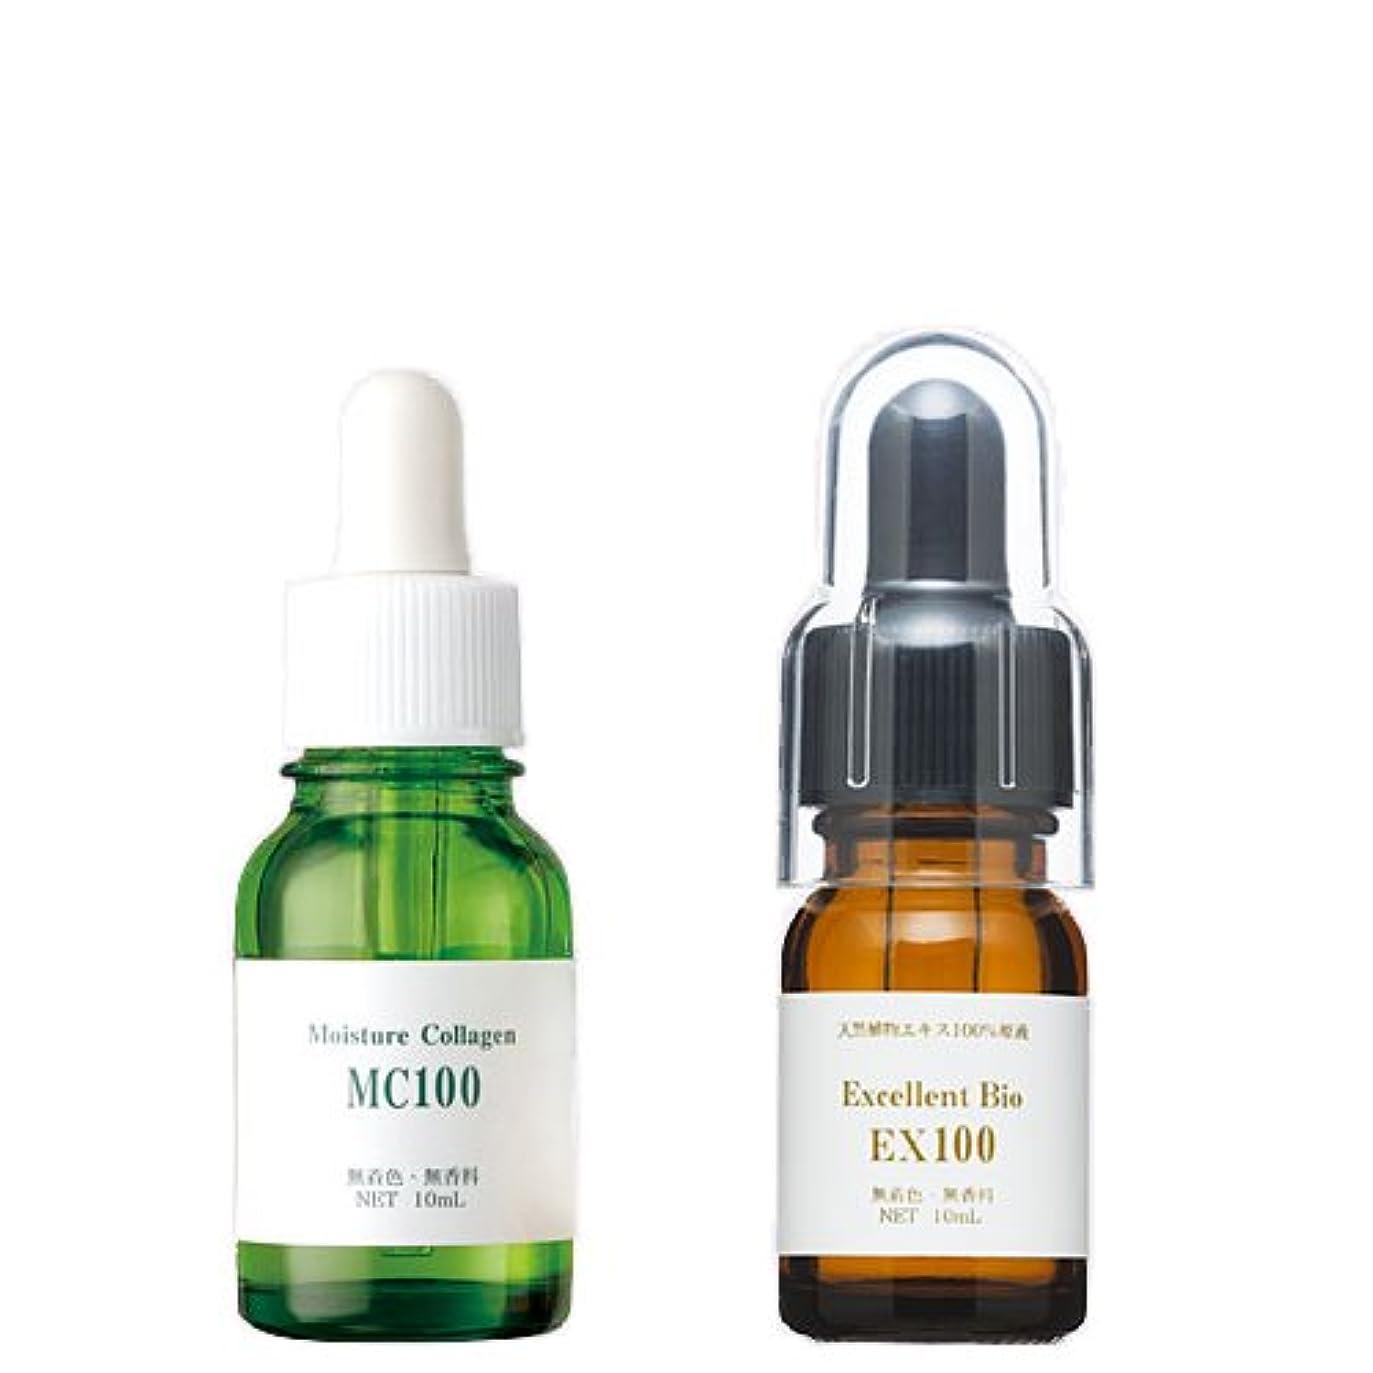 広範囲にバーガーはぁエビス化粧品(EBiS) 植物性コラーゲンMC100(10ml)【エクセレントバイオEX100 (10ml)】人気セット 美容液 原液